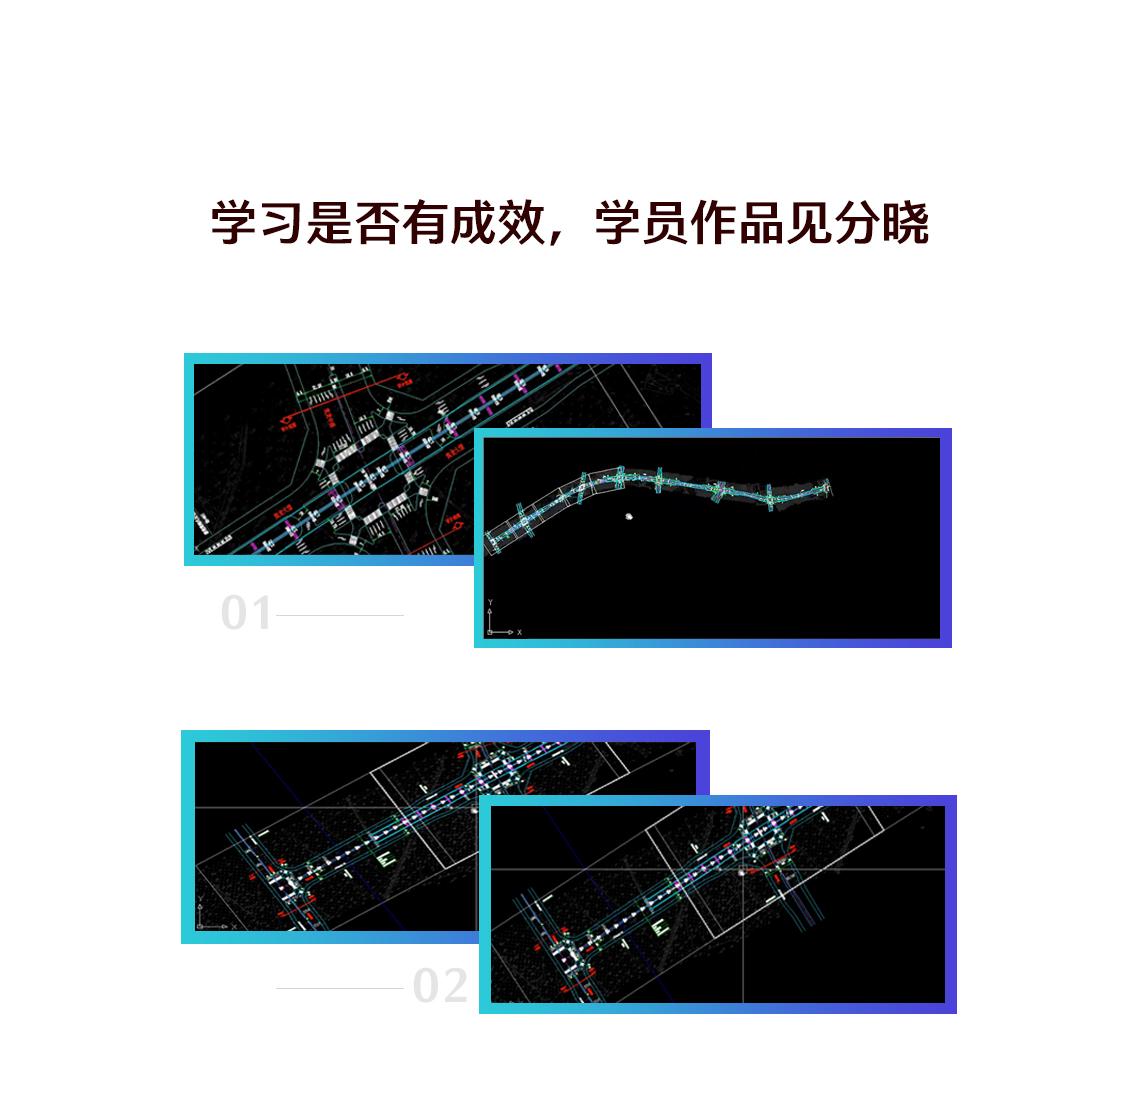 中国中铁、中国交建的小伙伴们都在这里学习,他们在筑龙学习道路设计师培训,道路施工图设计,道路设计软后可以独立的做道路施工图设计,可以独立做道路设计。